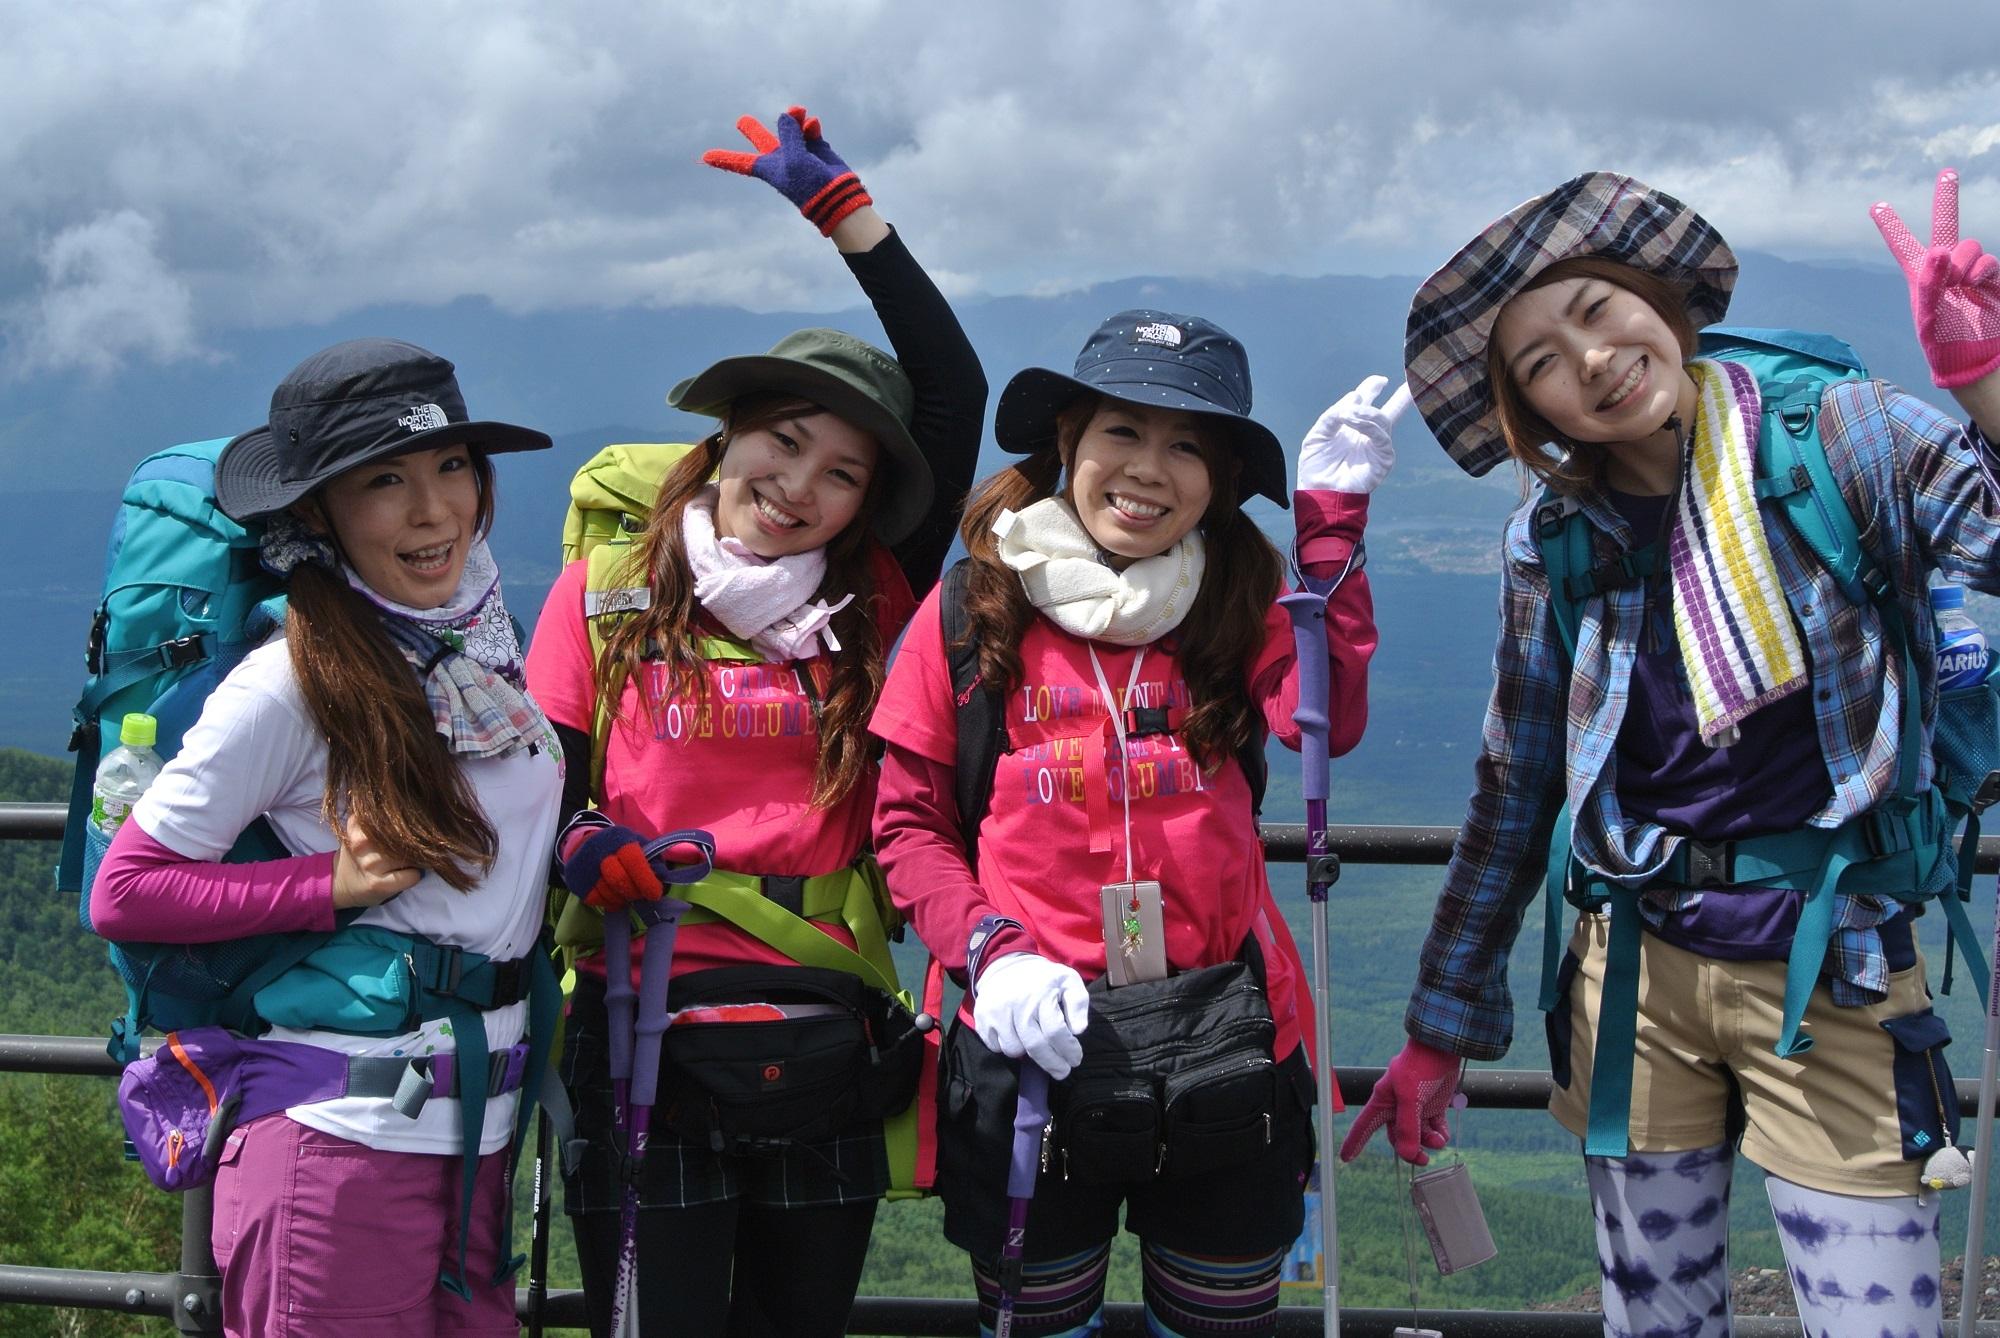 富士登山の服装(ファッション)について